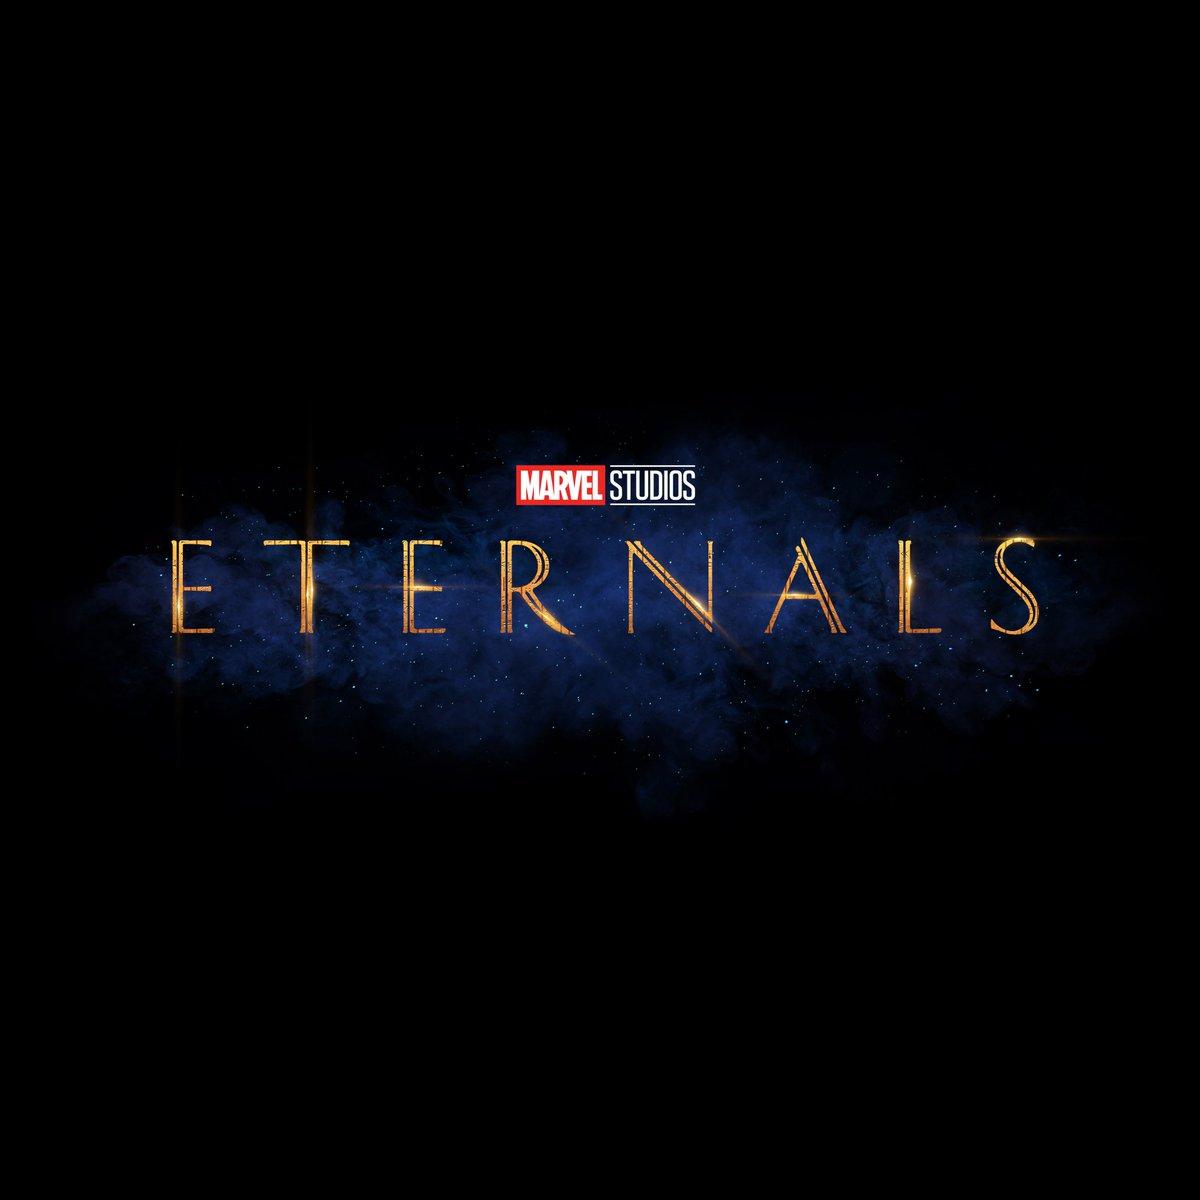 SDCC: Marvel annuncia la data di uscita ufficiale del film The Eternals thumbnail